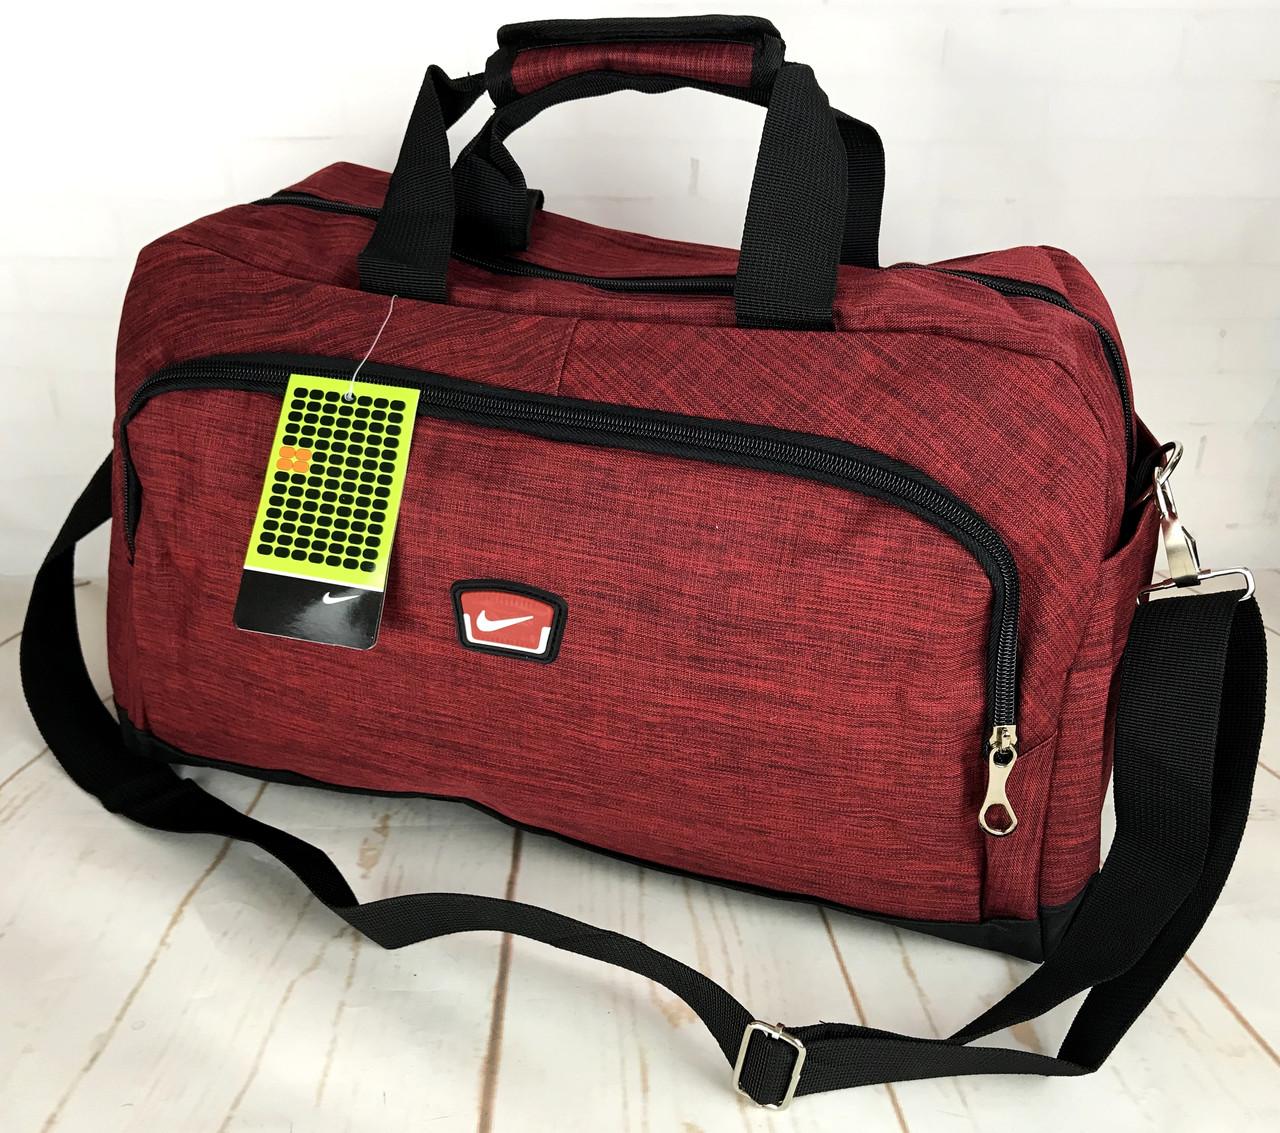 0e7929a3 Небольшая спортивная сумка Nike.Сумка для тренировок .Раз. 43*28*22 ...